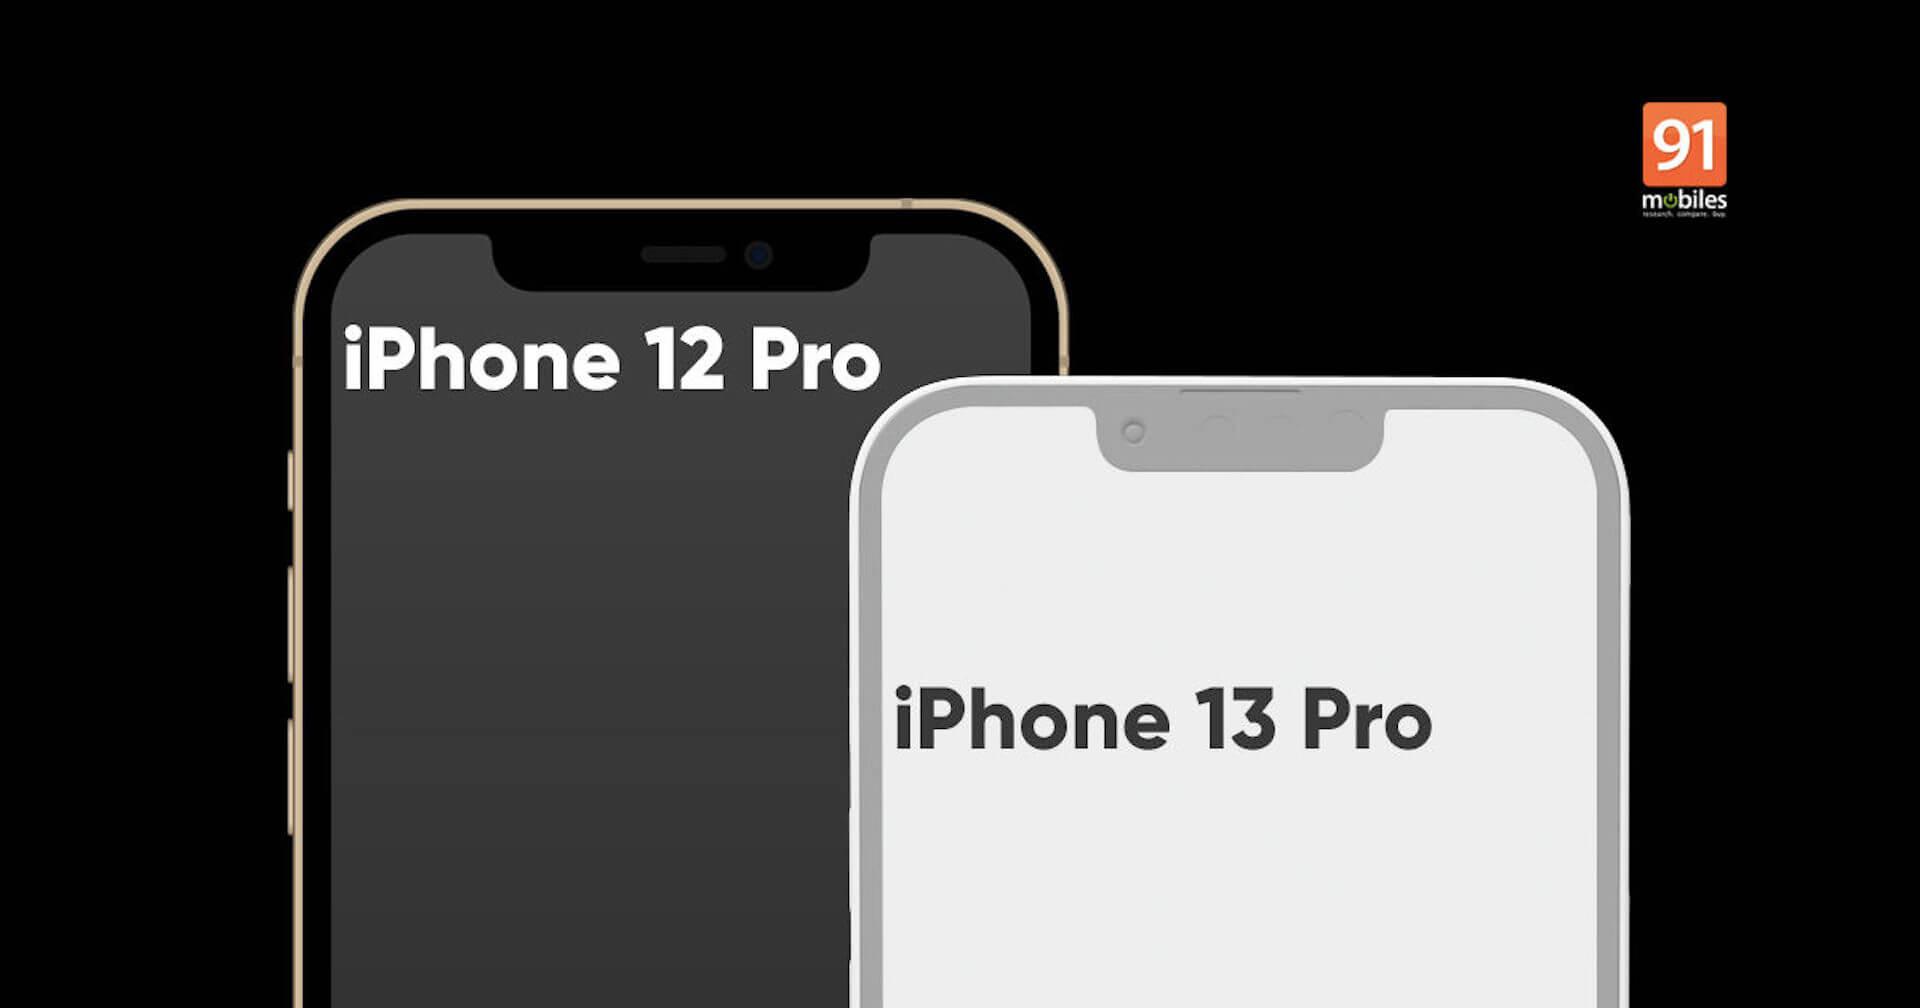 9月発表のiPhone 13 Proは少し厚くなる?3Dレンダリング画像が公開 tech210415_iphone13_3